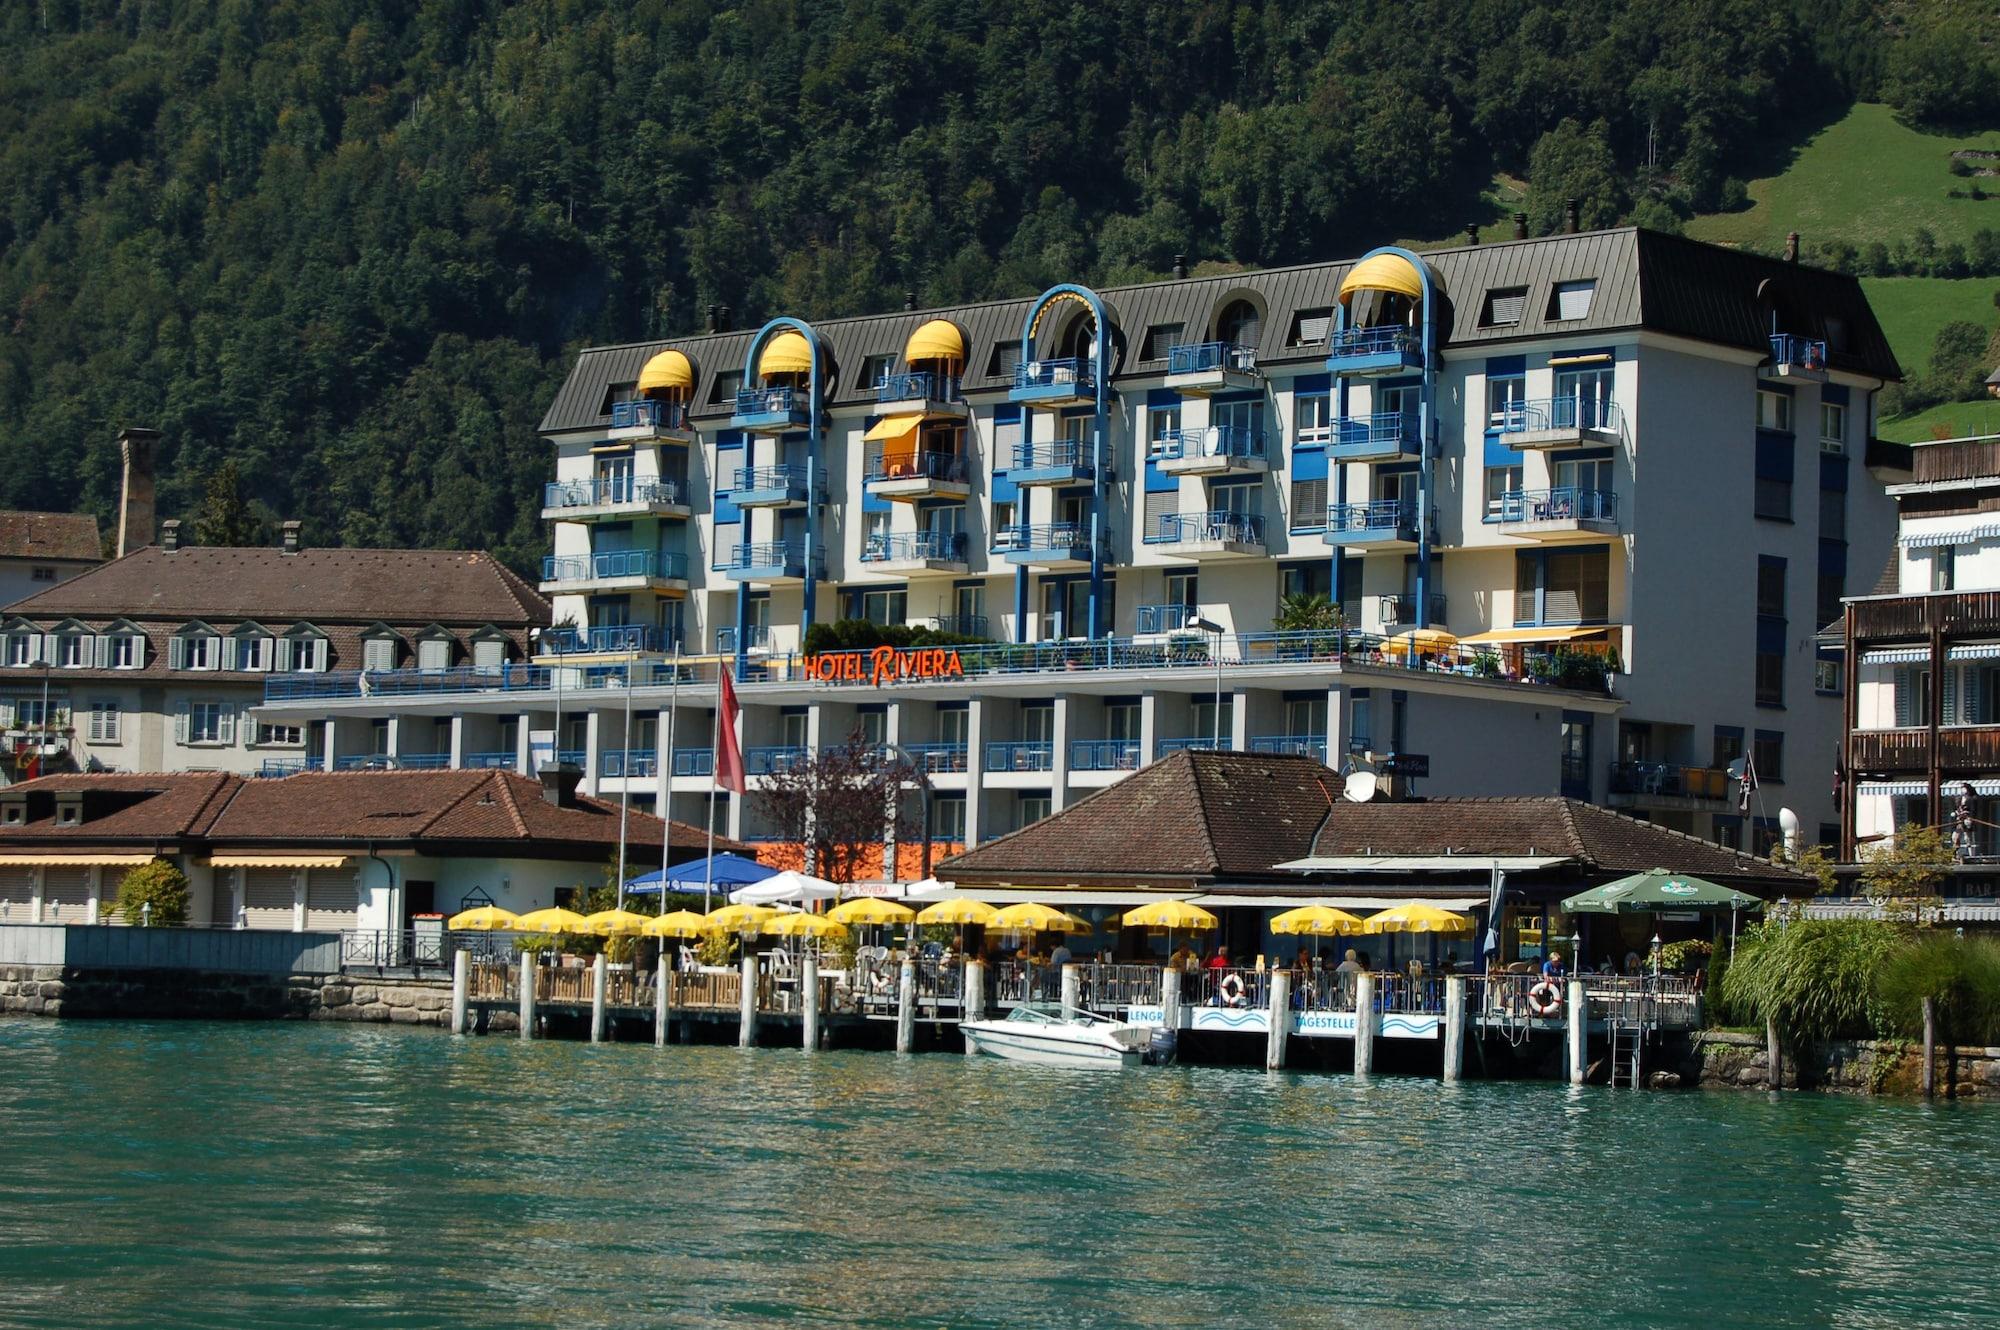 Seehotel Riviera, Nidwalden